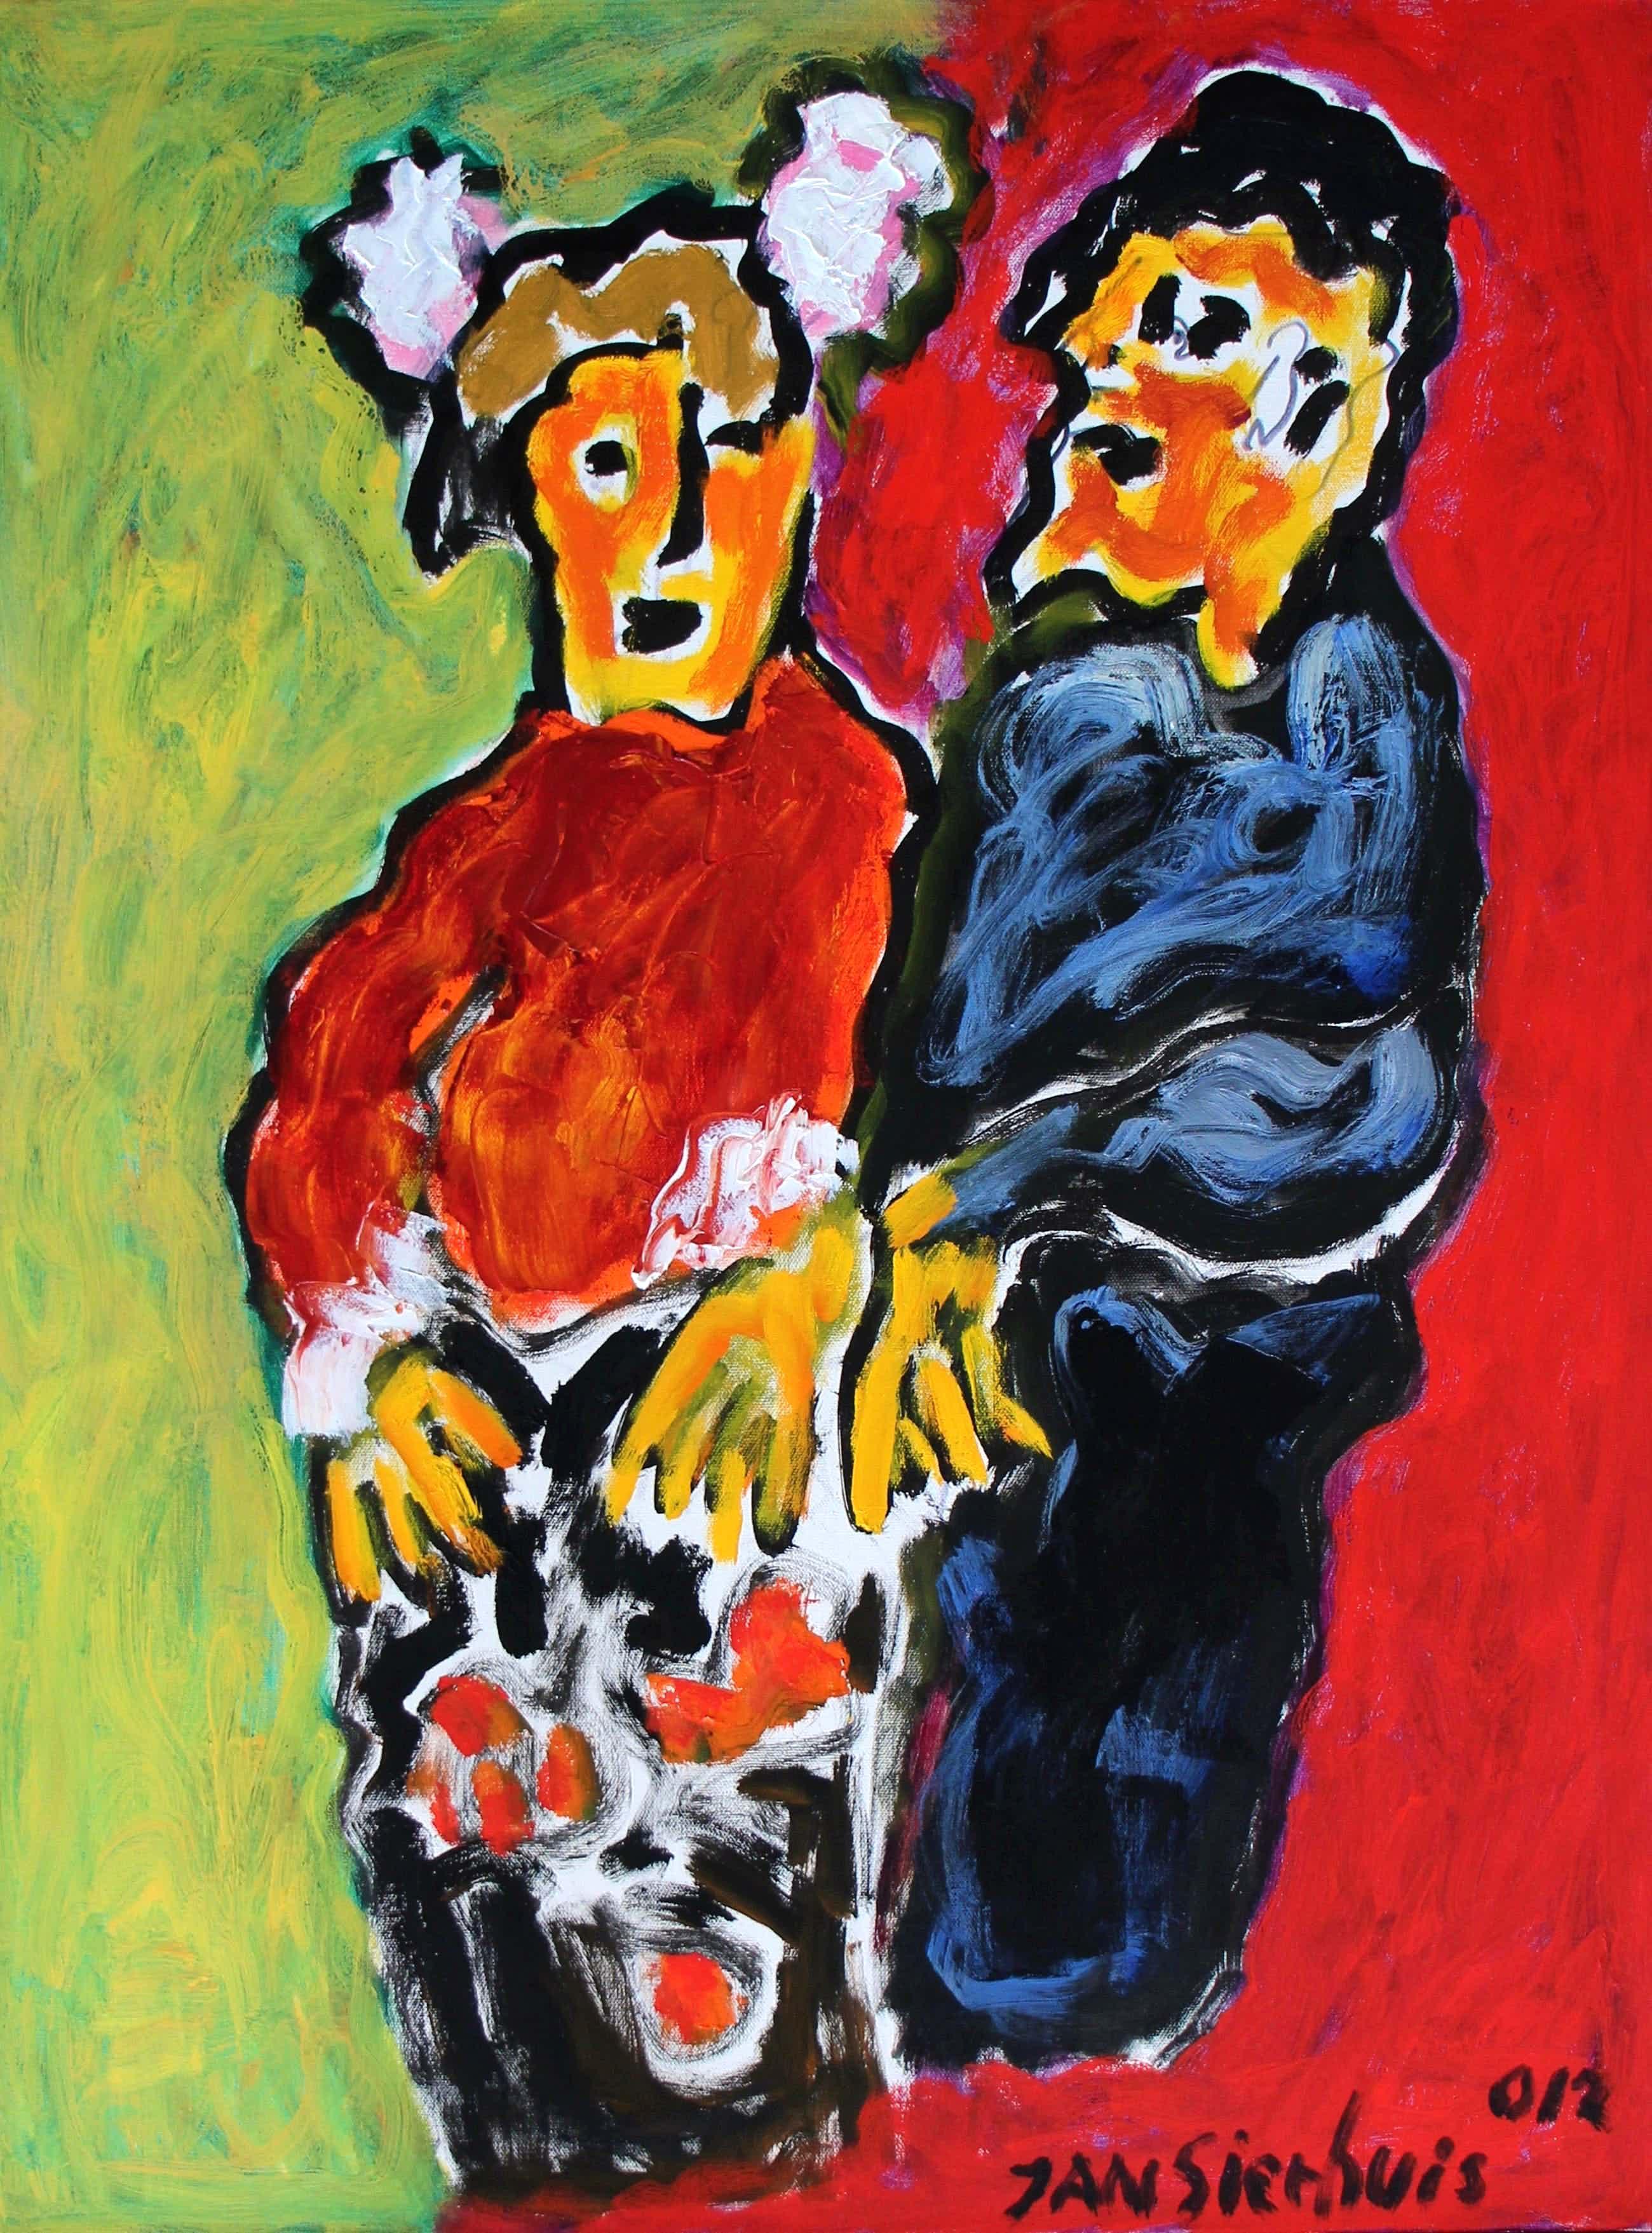 Jan Sierhuis - acryl op doek : Spaanse dans - 2012 kopen? Bied vanaf 595!